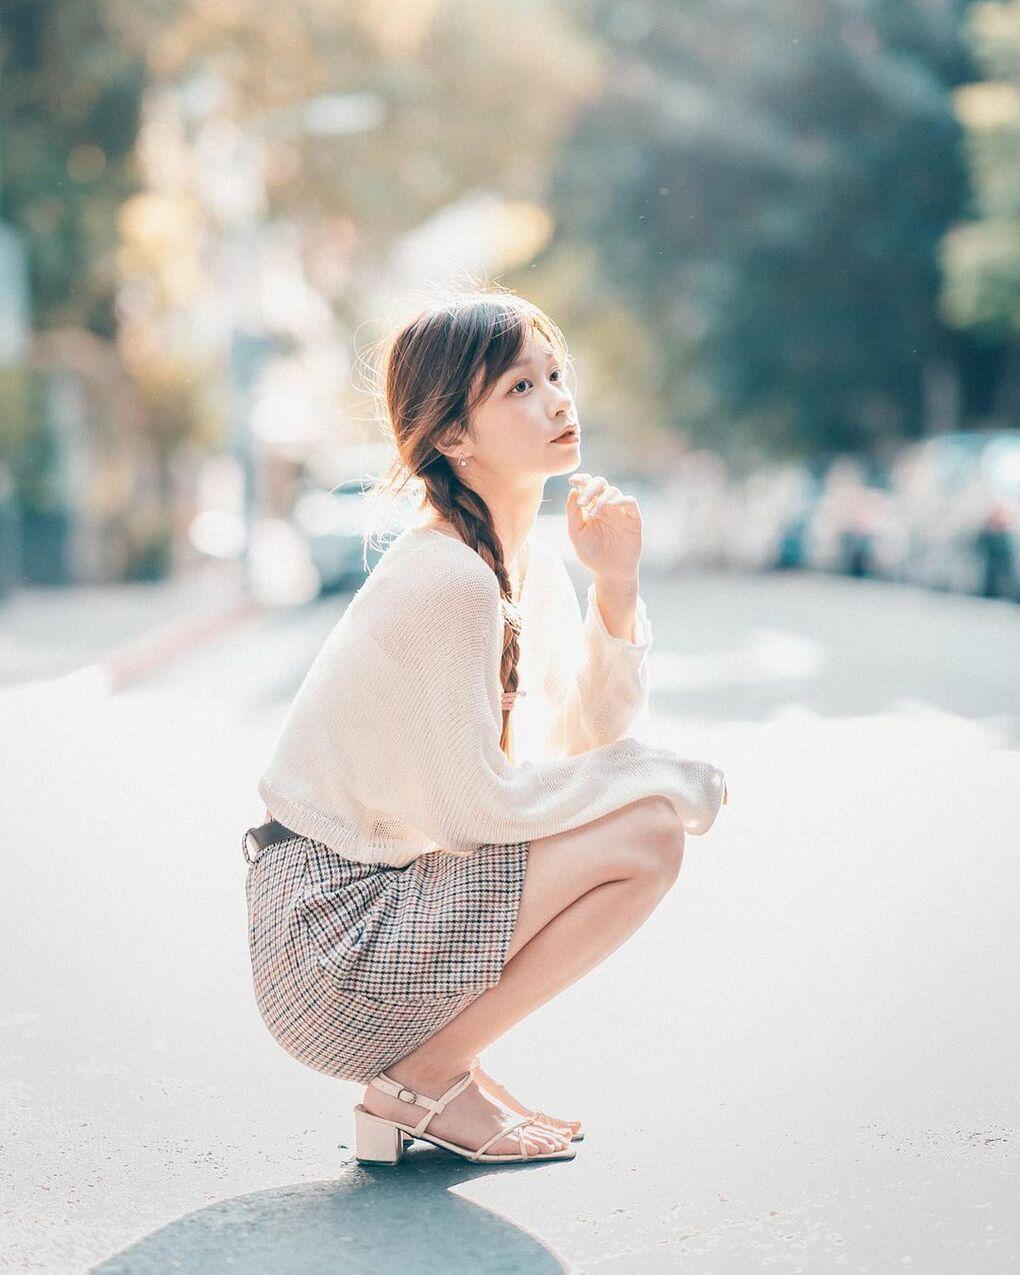 清透嫩白美眉阿耕Yusi满满胶原蛋白的氧气少女(20P) 网络美女 第19张